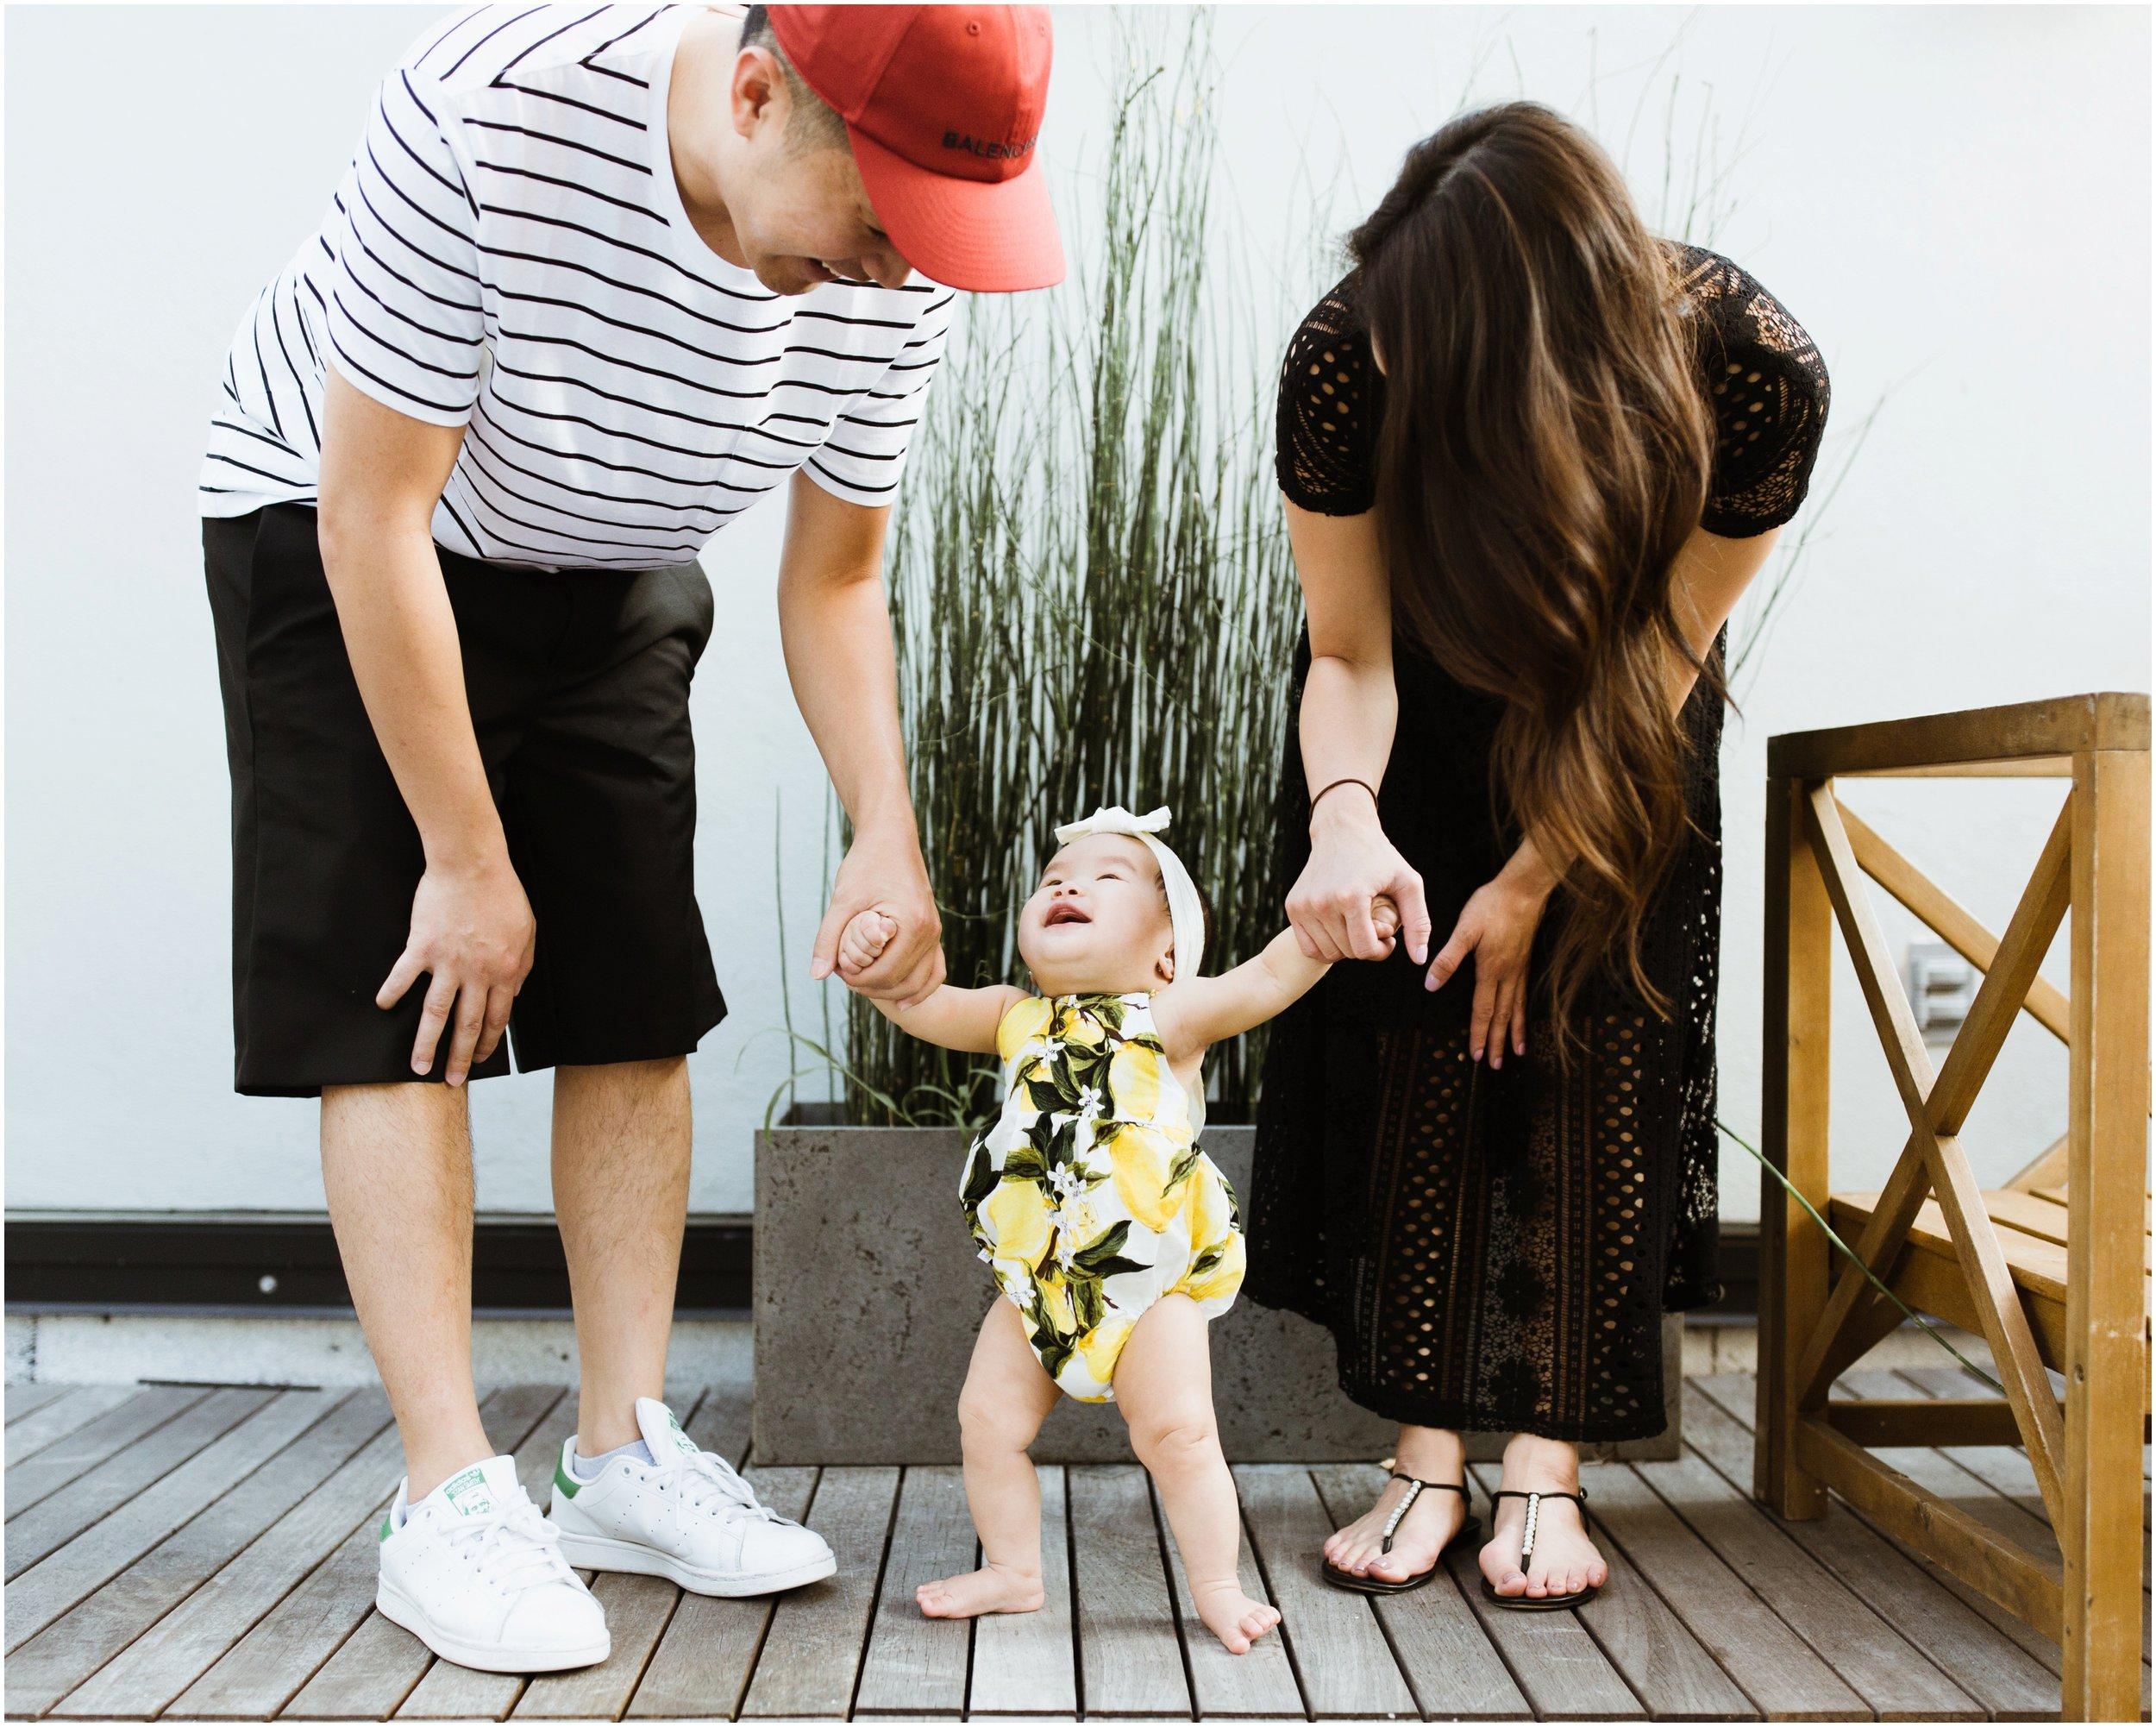 Nori-Catahoula-Hotel-2017-6-Months-Family-7448_quaint-and-whim-lifestyle-newborn-photographer-louisiana.jpg